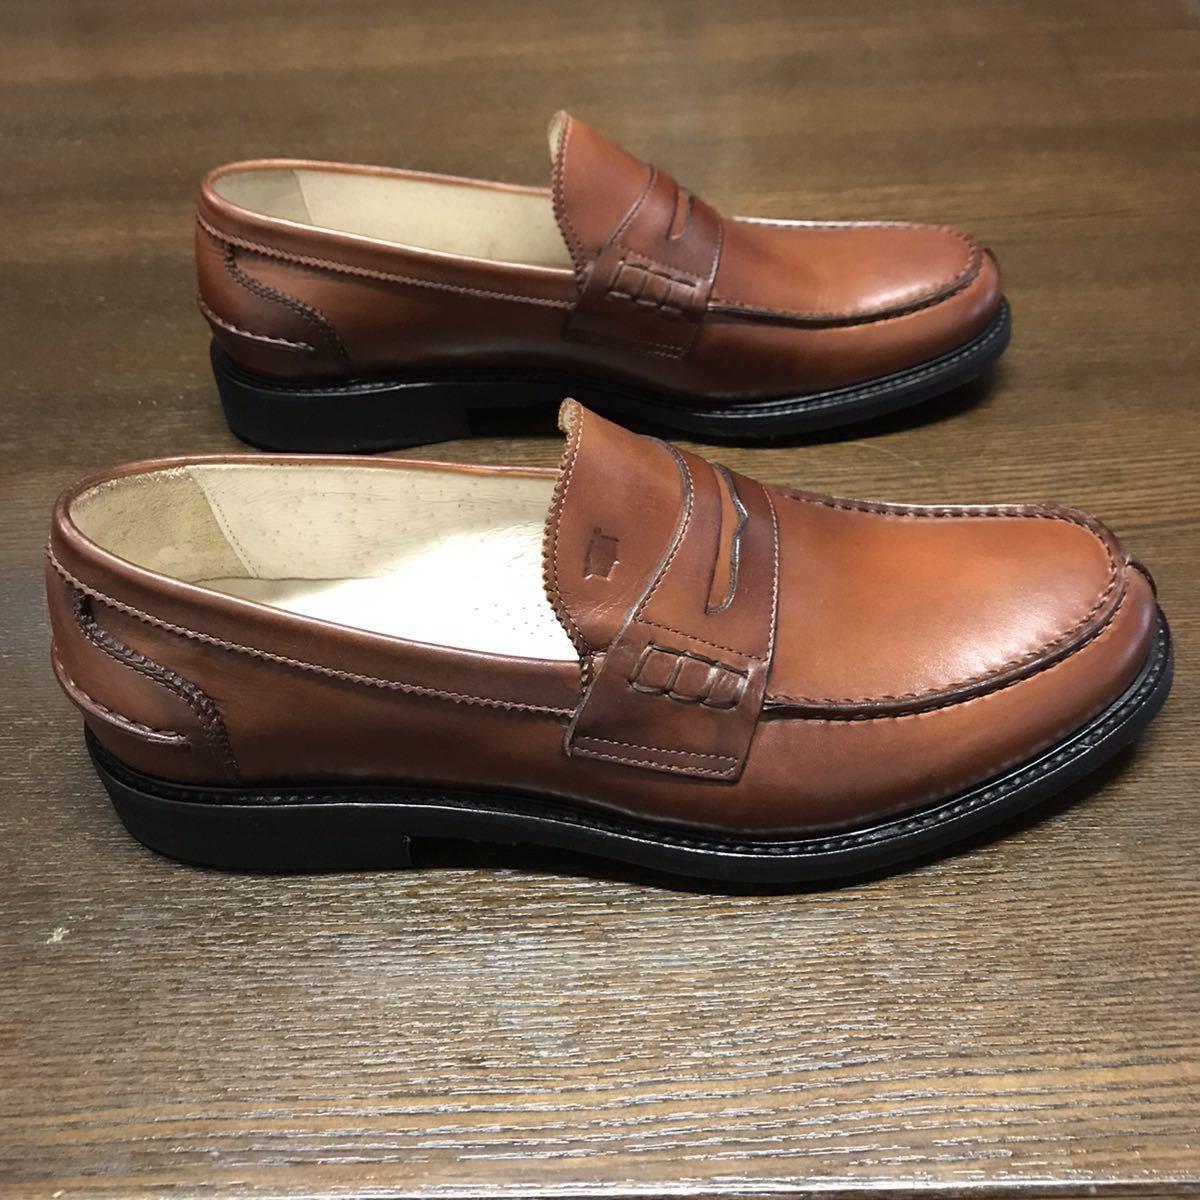 即決【送料0税0】新品 メンズ [UK9]28.0cm相当 4.8万 FLORSHEIM IMPERIAL フローシャイム 革靴 コインローファー モカシン レザーシューズ_画像6